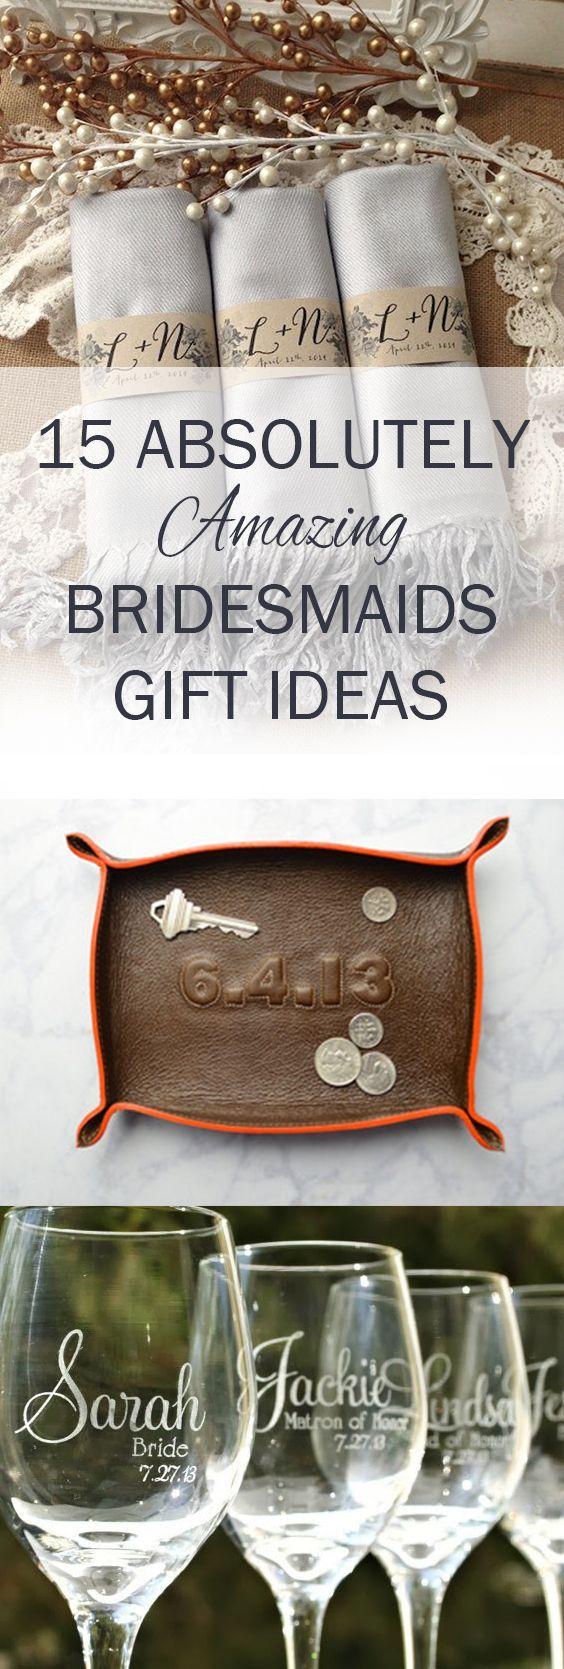 Unique bridesmaid gift ideas cheap - Bridesmaids Bridesmaids Gifts Gifts For Her Gift Ideas Popular Pin Wedding